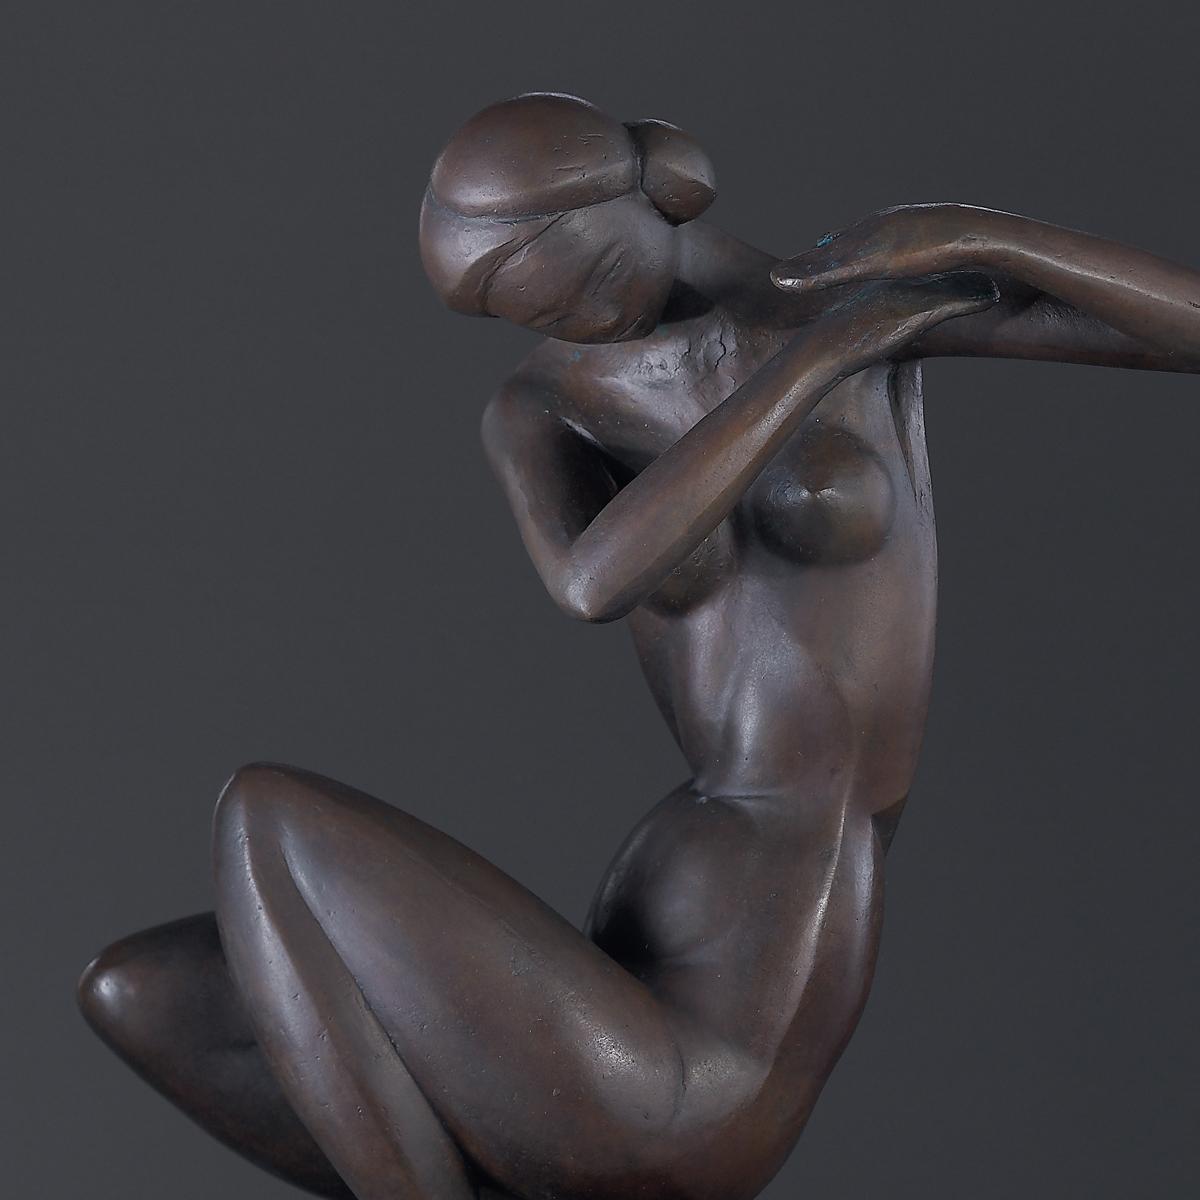 許維忠 認為一個 雕塑家 創作一件好的作品,不是發明而是發現。作品必須回到時間、空間裡,用歲月去完成,揉合 雕塑 家個人之氣,回歸一個「物」的本位與尊嚴。如此作品巔峰之時,也是 藝術 作品 走向舊蝕風化成「物」的回歸。萬物同等,是生態、是循環。